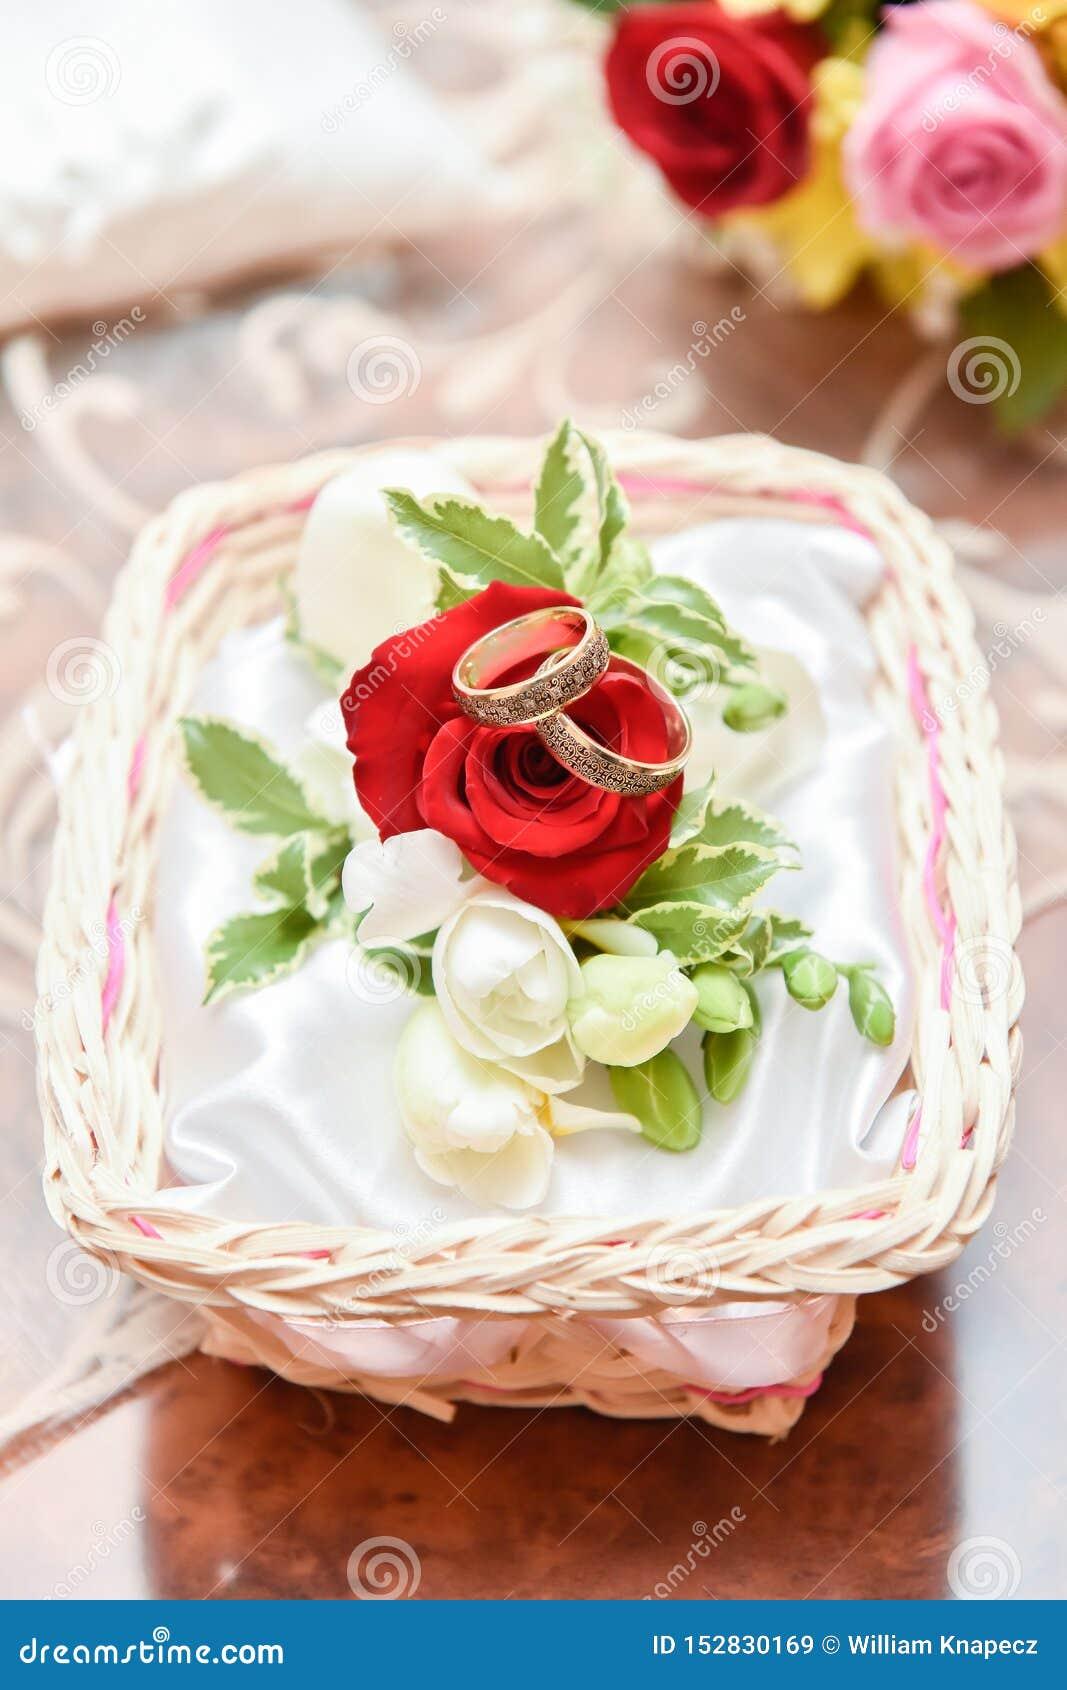 Arranjo espetacular das alianças de casamento com rosas vermelhas